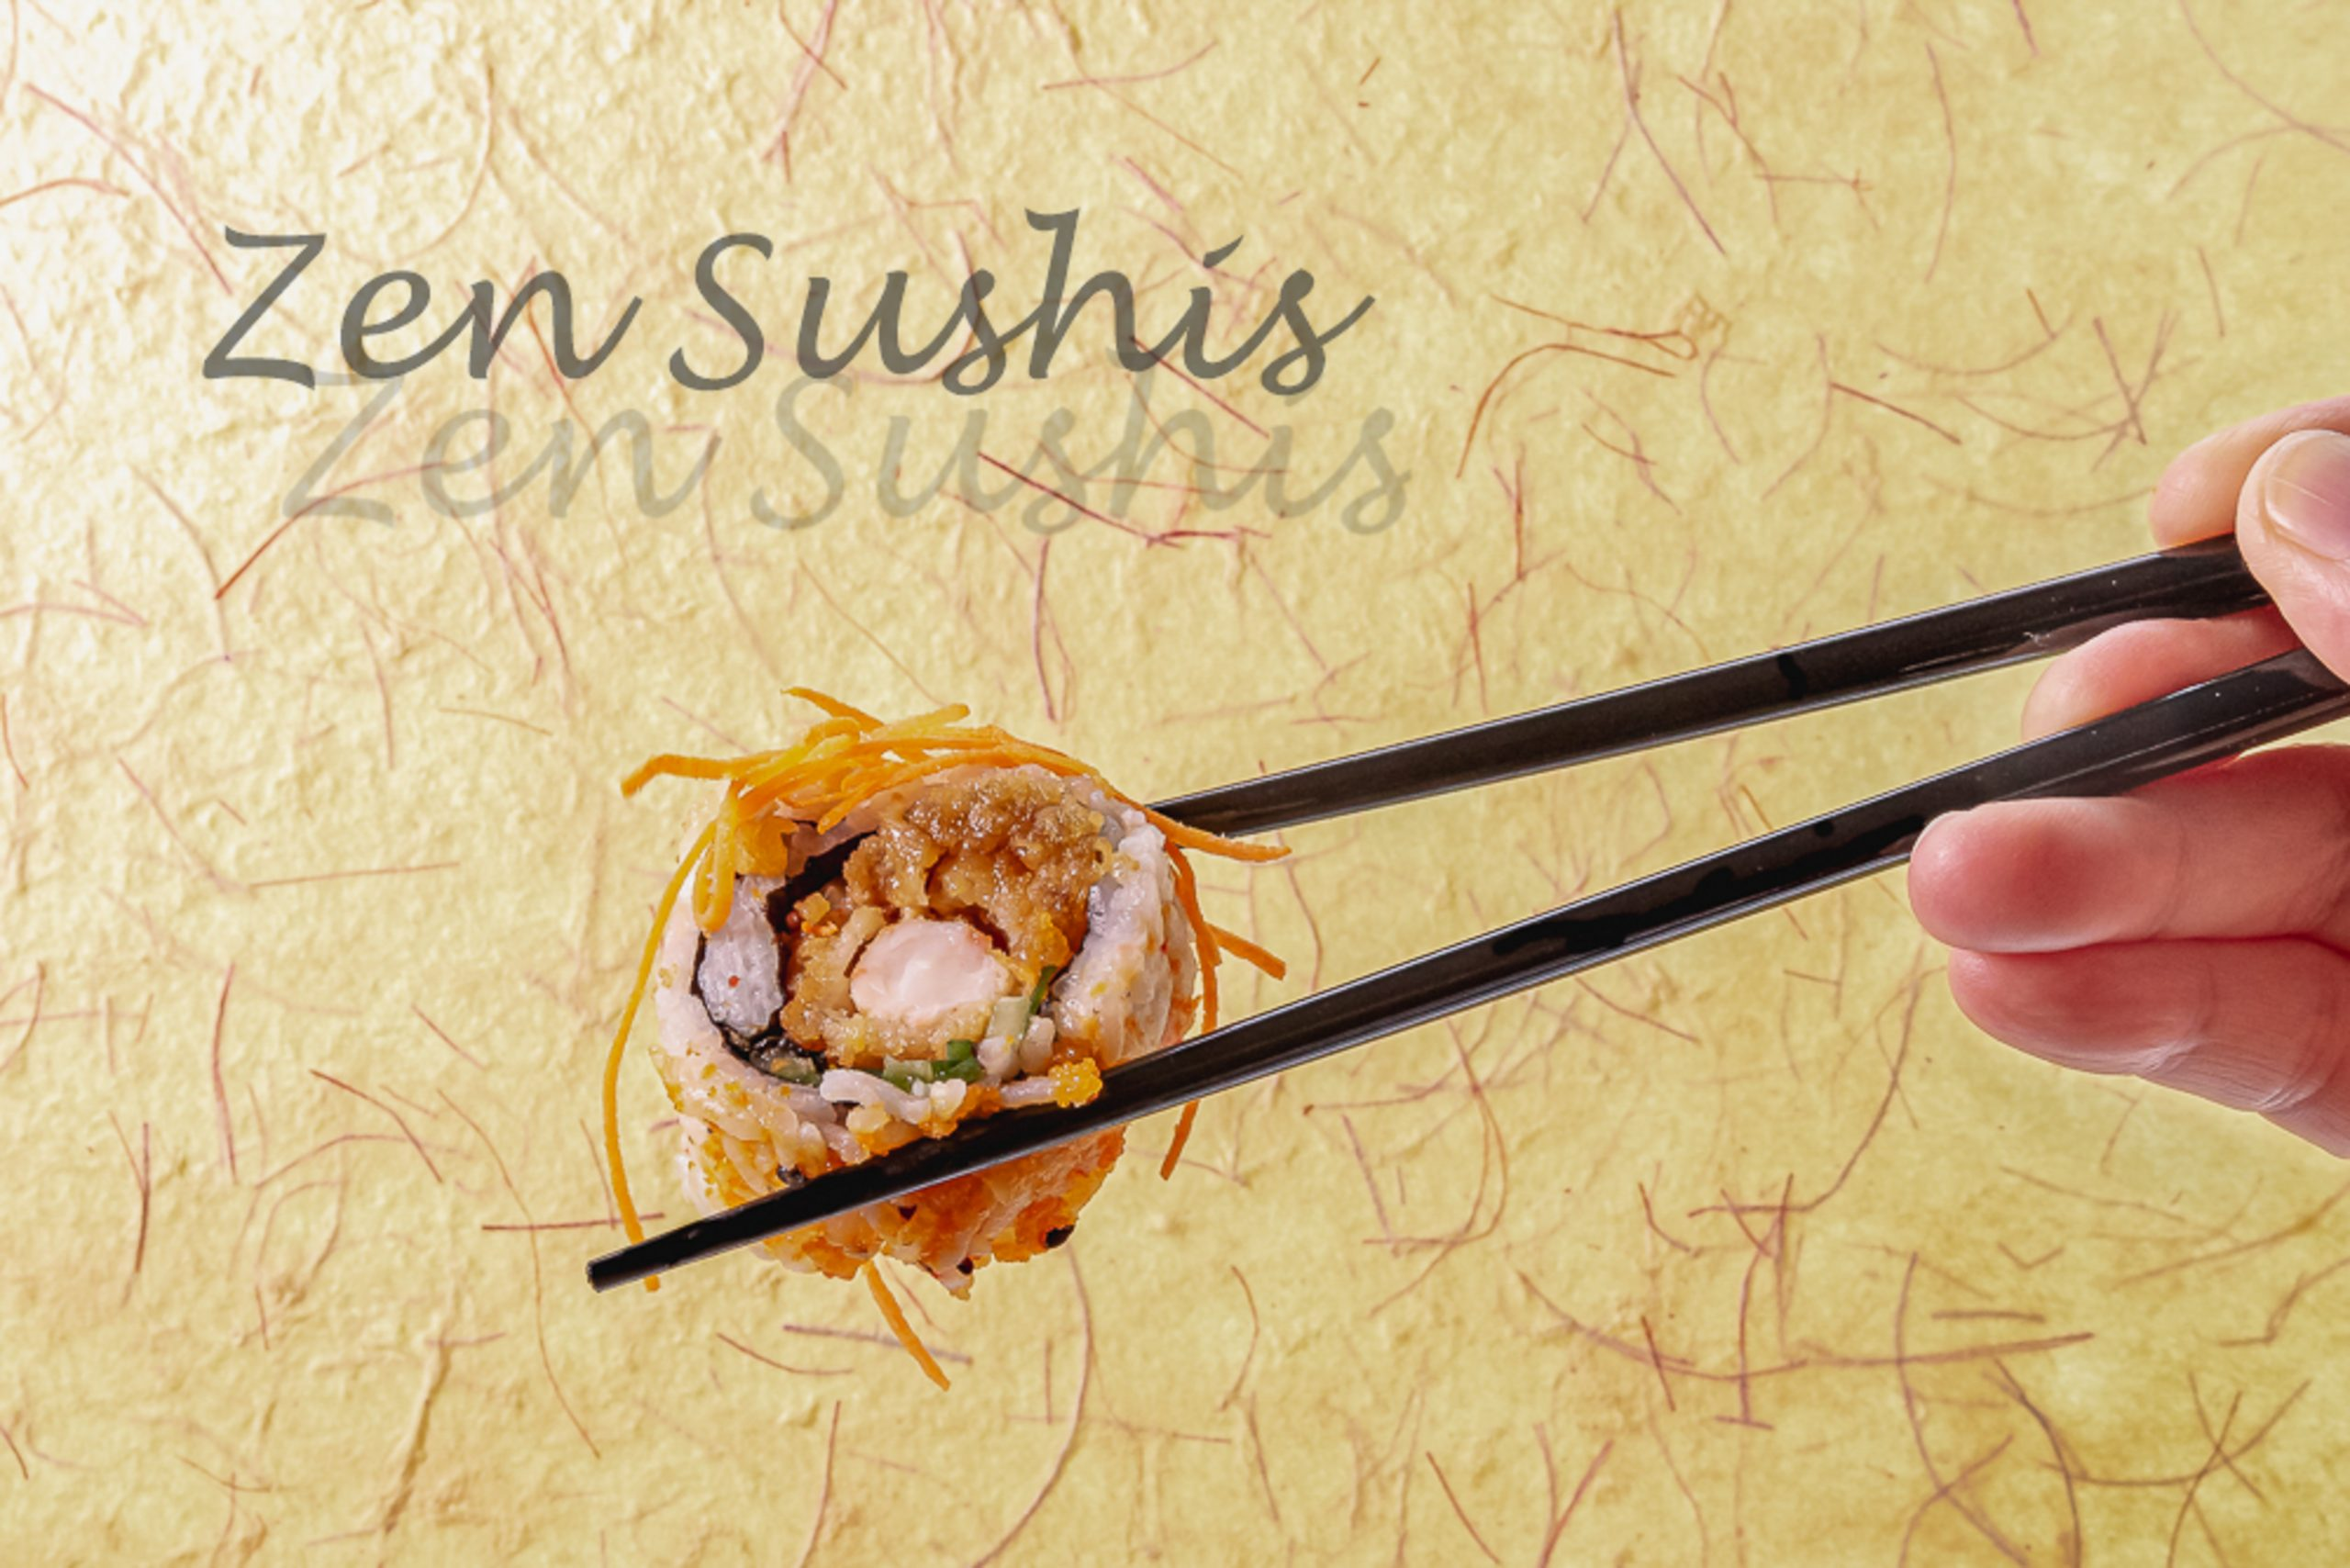 https://clubphotoroussillon.com/wp-content/uploads/2021/02/Zen sushis (photo publicitaire) Pierre Rémi (1)-scaled.jpg